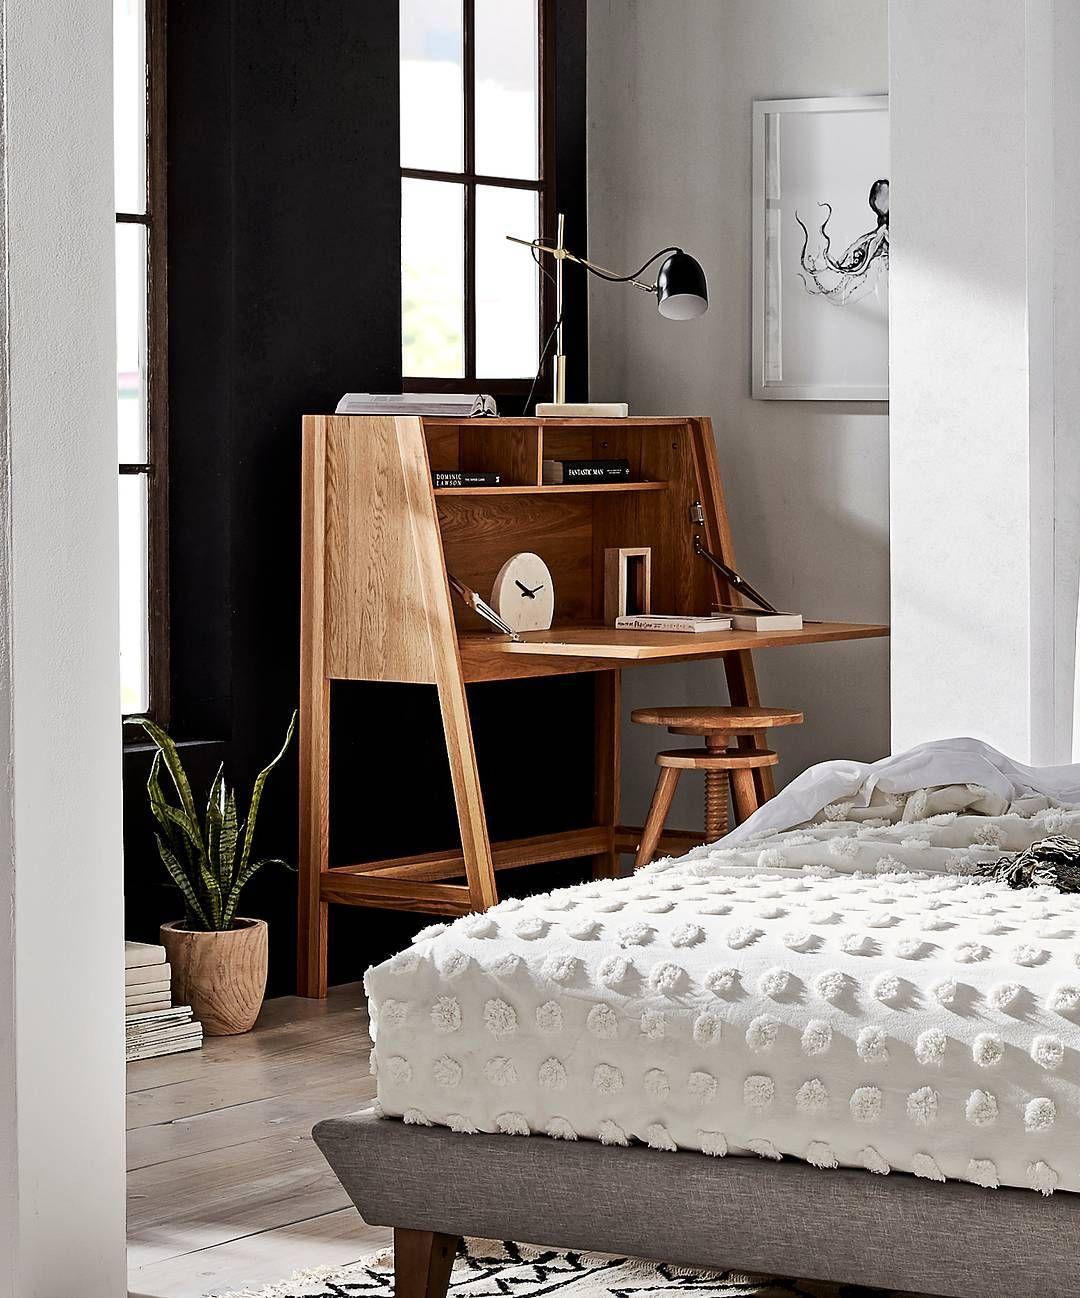 Naturbelassener Holz-Schreibtisch im Schlafzimmer, Arbeitsecke